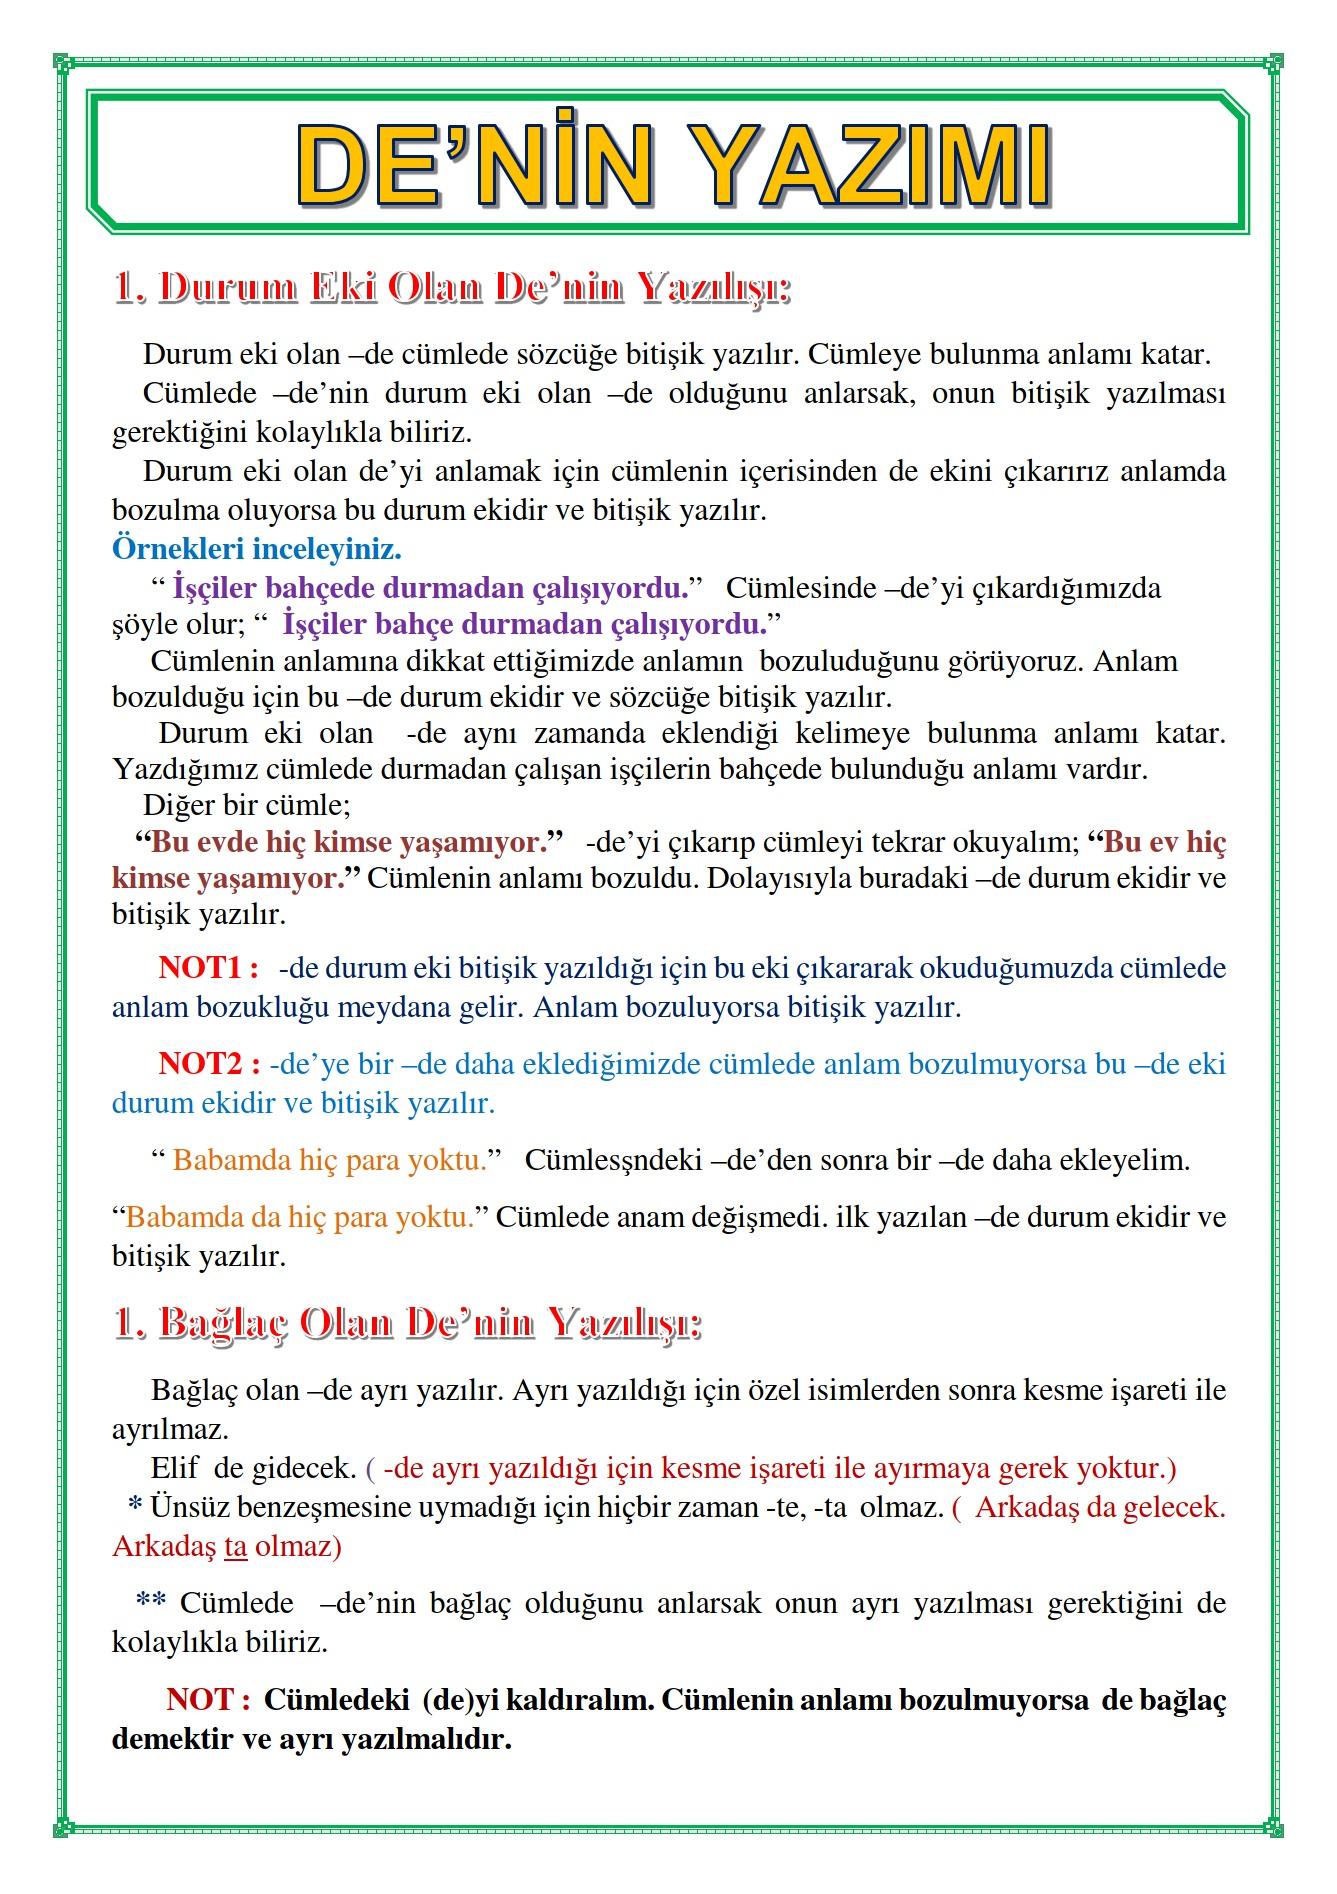 DE'NİN YAZIMI_KONU ANLATIMI & ETKİNLİK